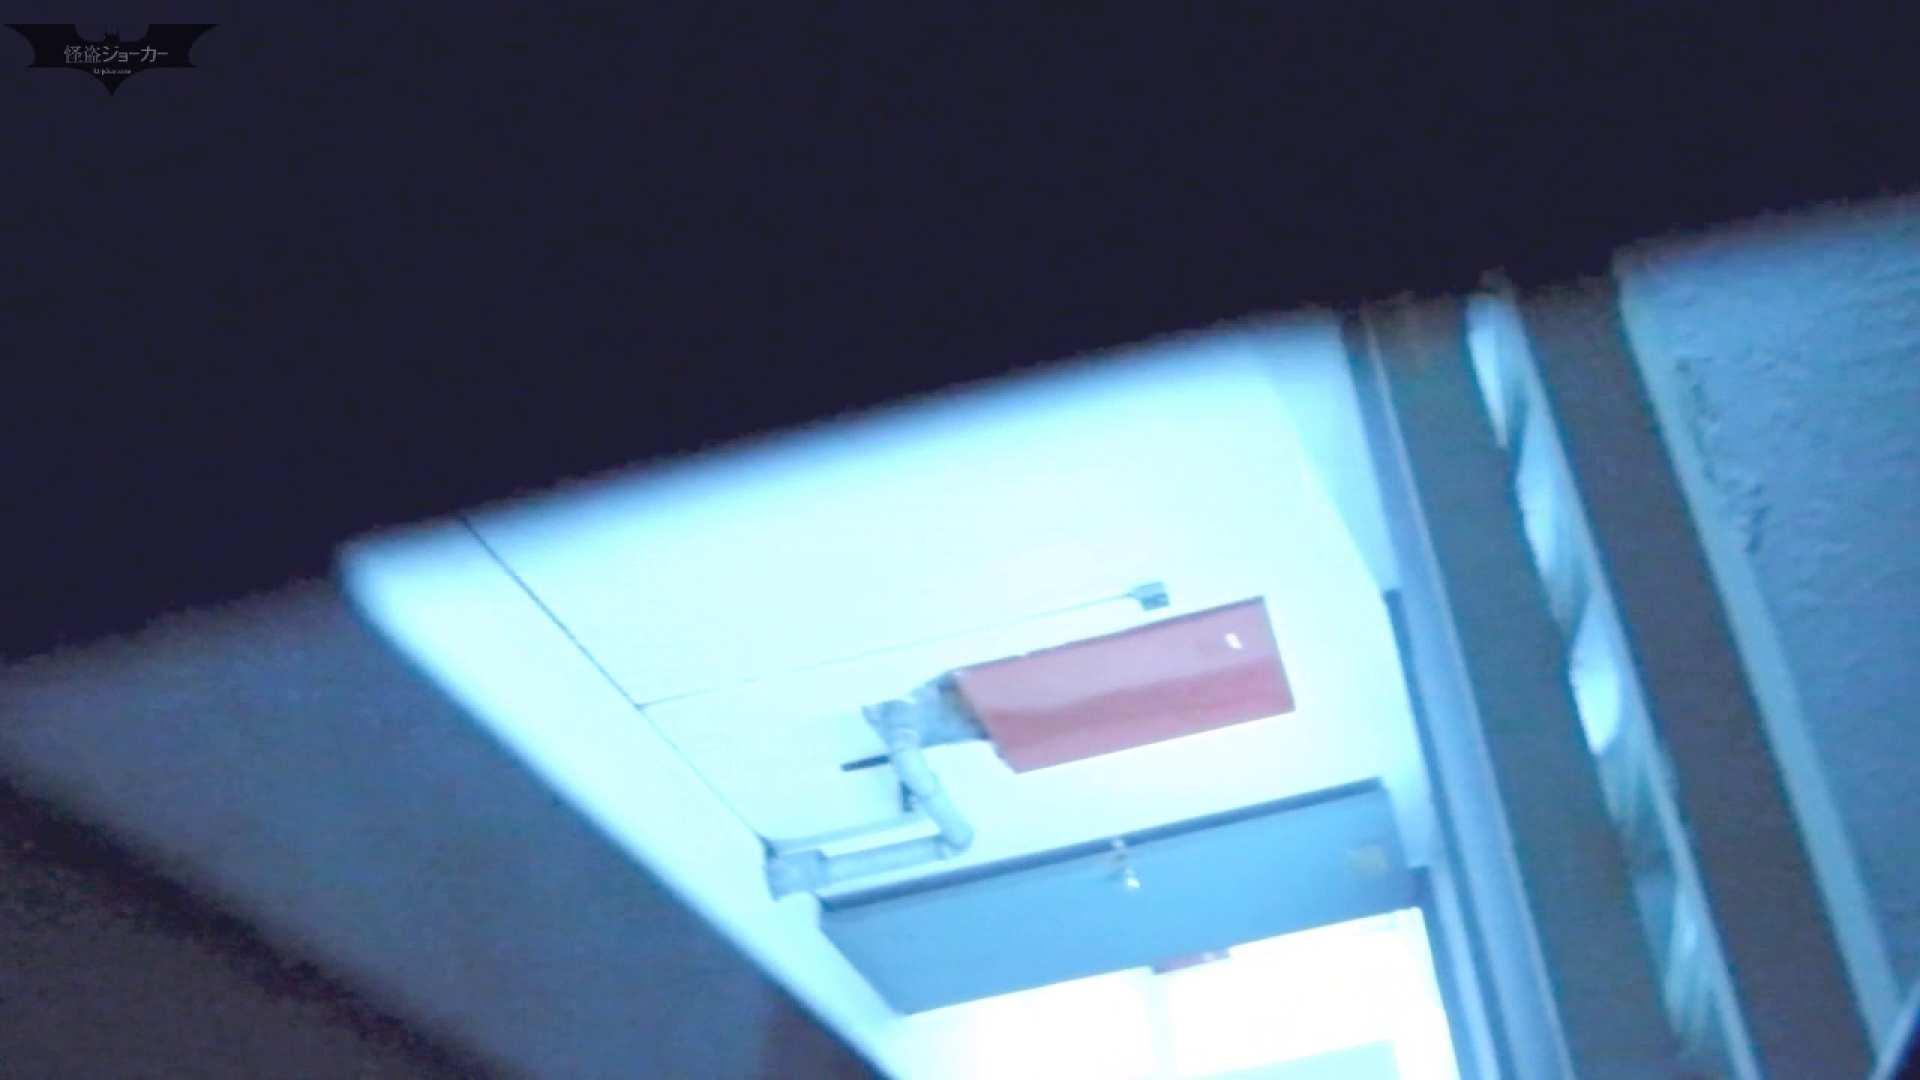 新世界の射窓 No61来ました!「ビジョビジョ」の美女達が・・・ 美女 ぱこり動画紹介 104枚 102